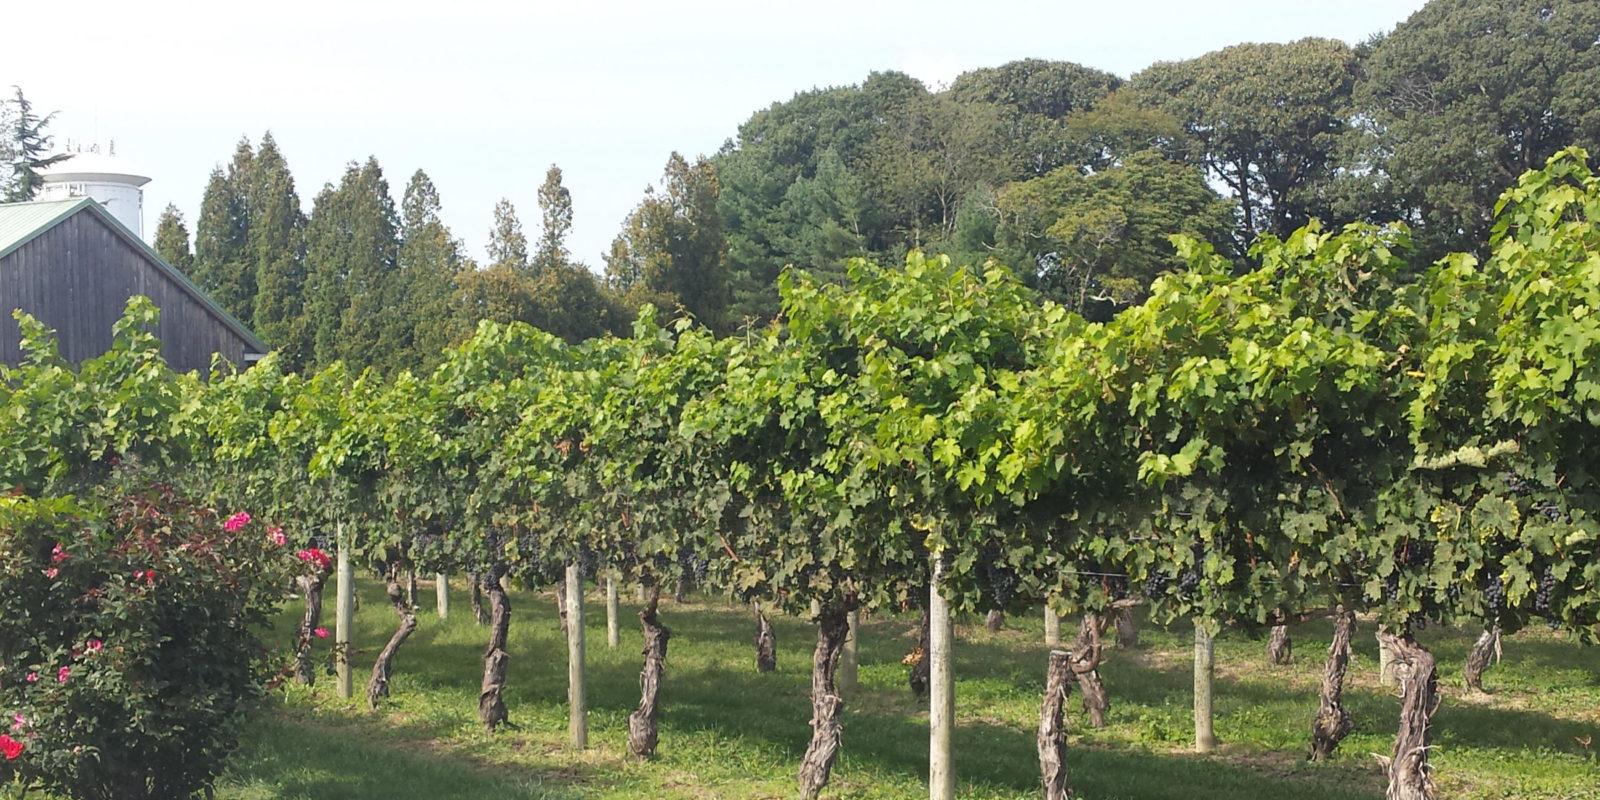 vineyard at cape may winery